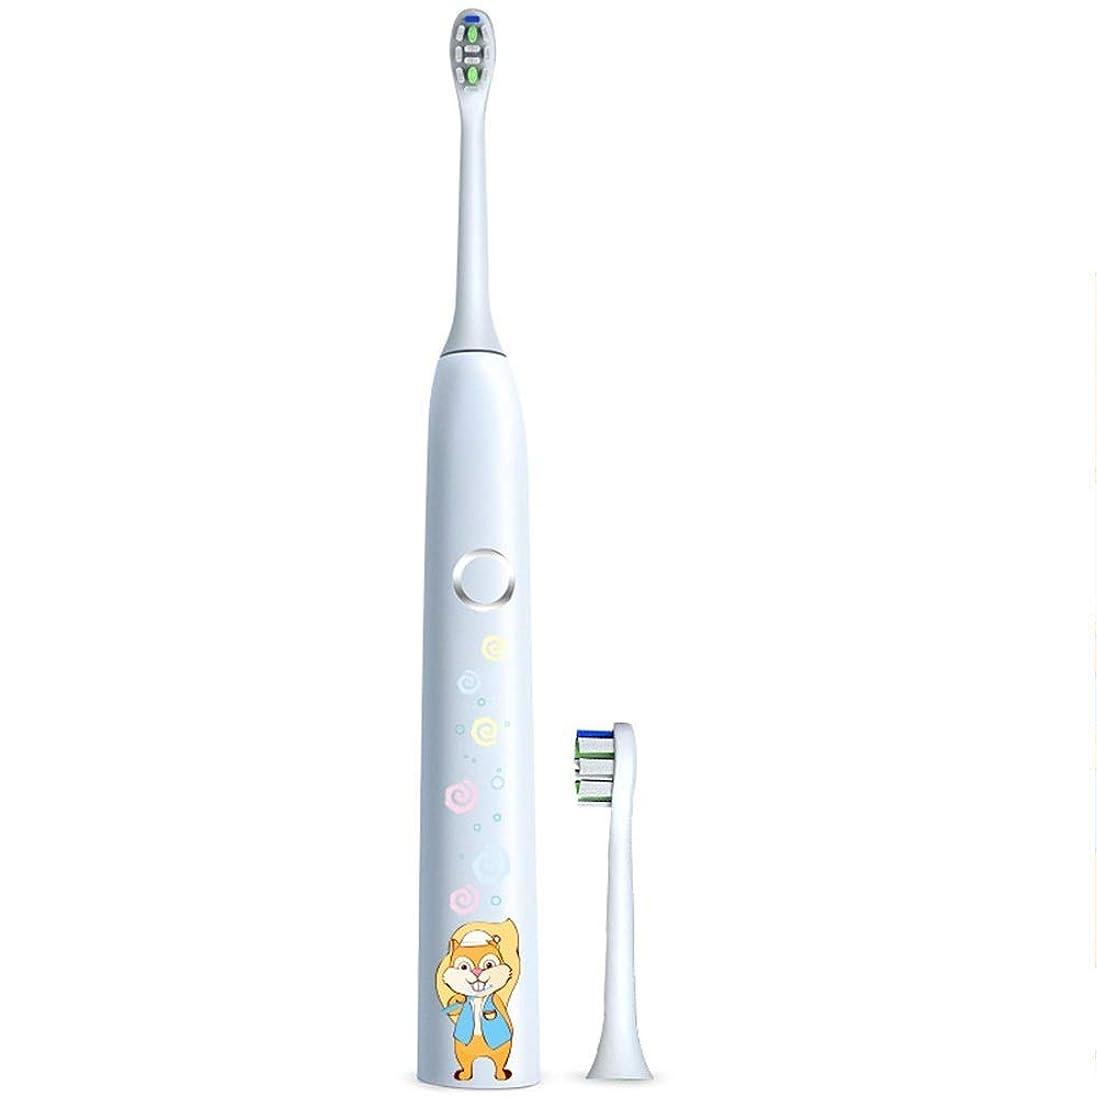 ビジネスグッゲンハイム美術館未満電動歯ブラシ 子供の電動歯ブラシ保護クリーンUSB充電式ソフトヘア歯ブラシ歯医者推奨 ケアー プロテクトクリーン (色 : 白, サイズ : Free size)